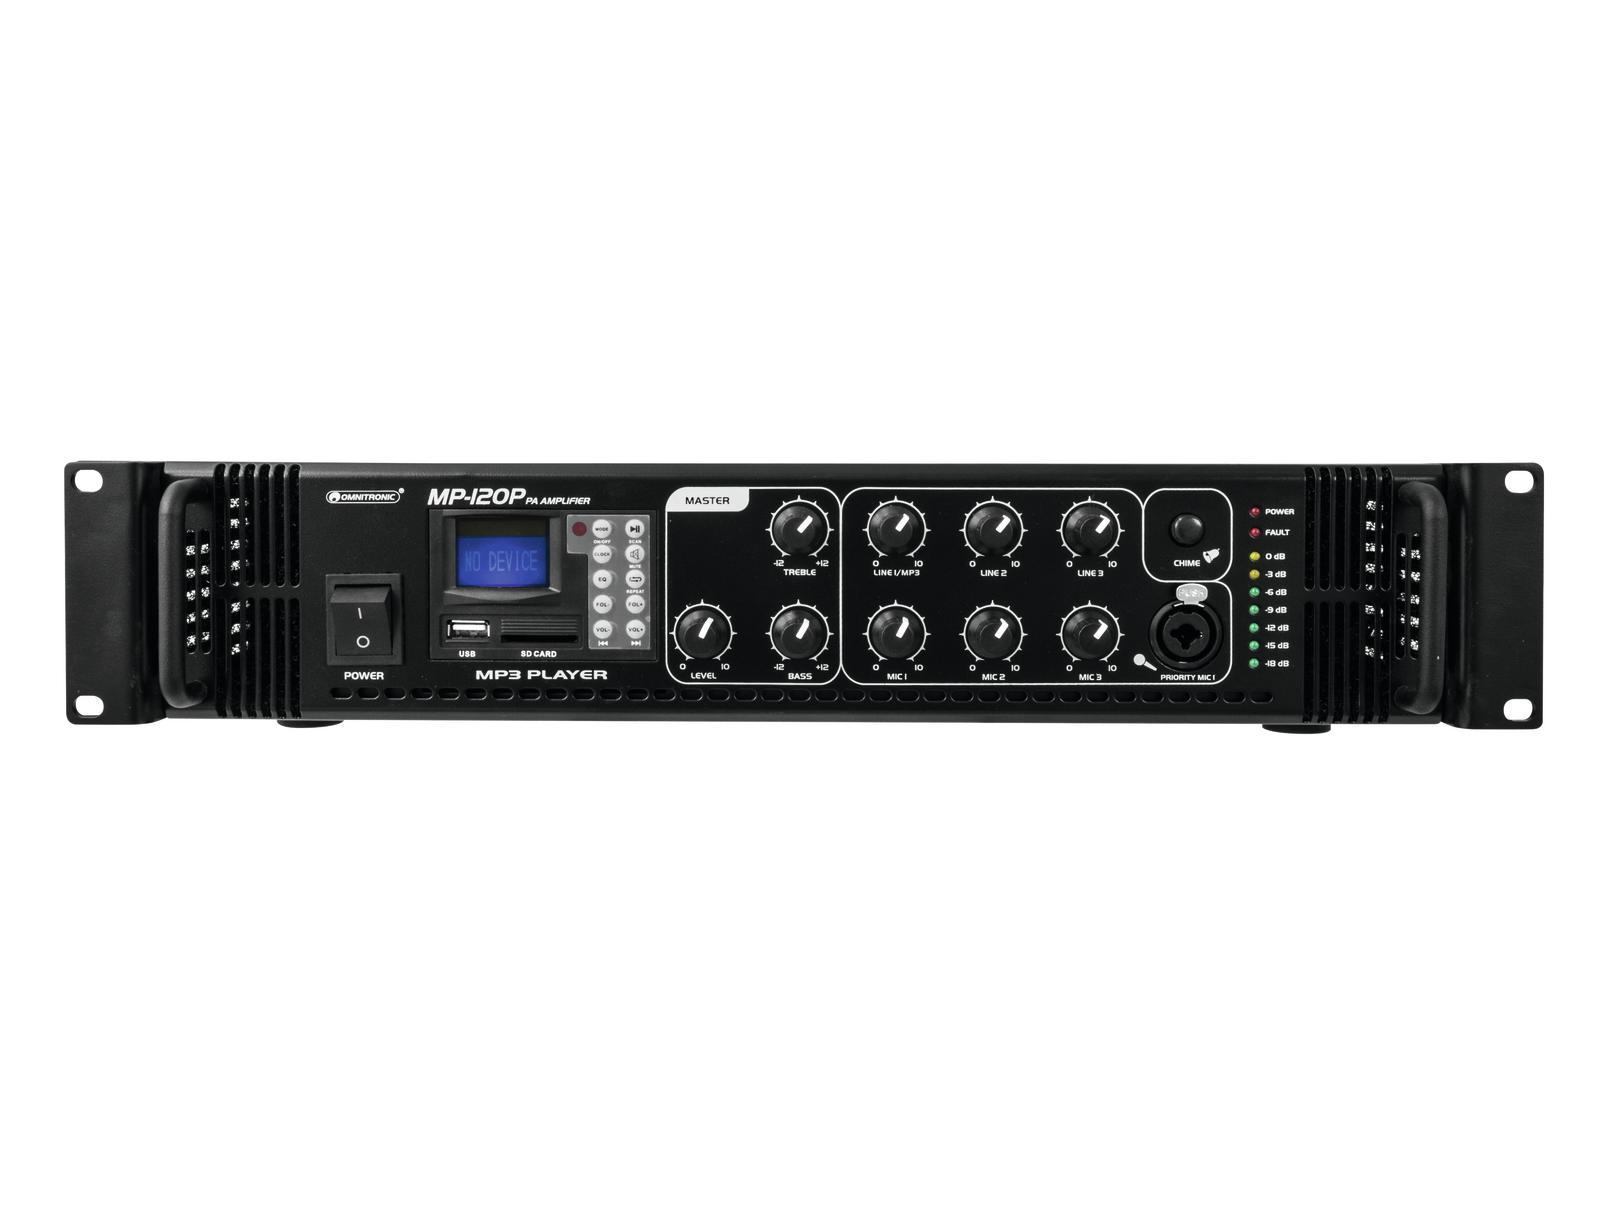 OMNITRONIC MP-120P amplificatore mixer lettore MP3 SD USB telecomando IR 240 W